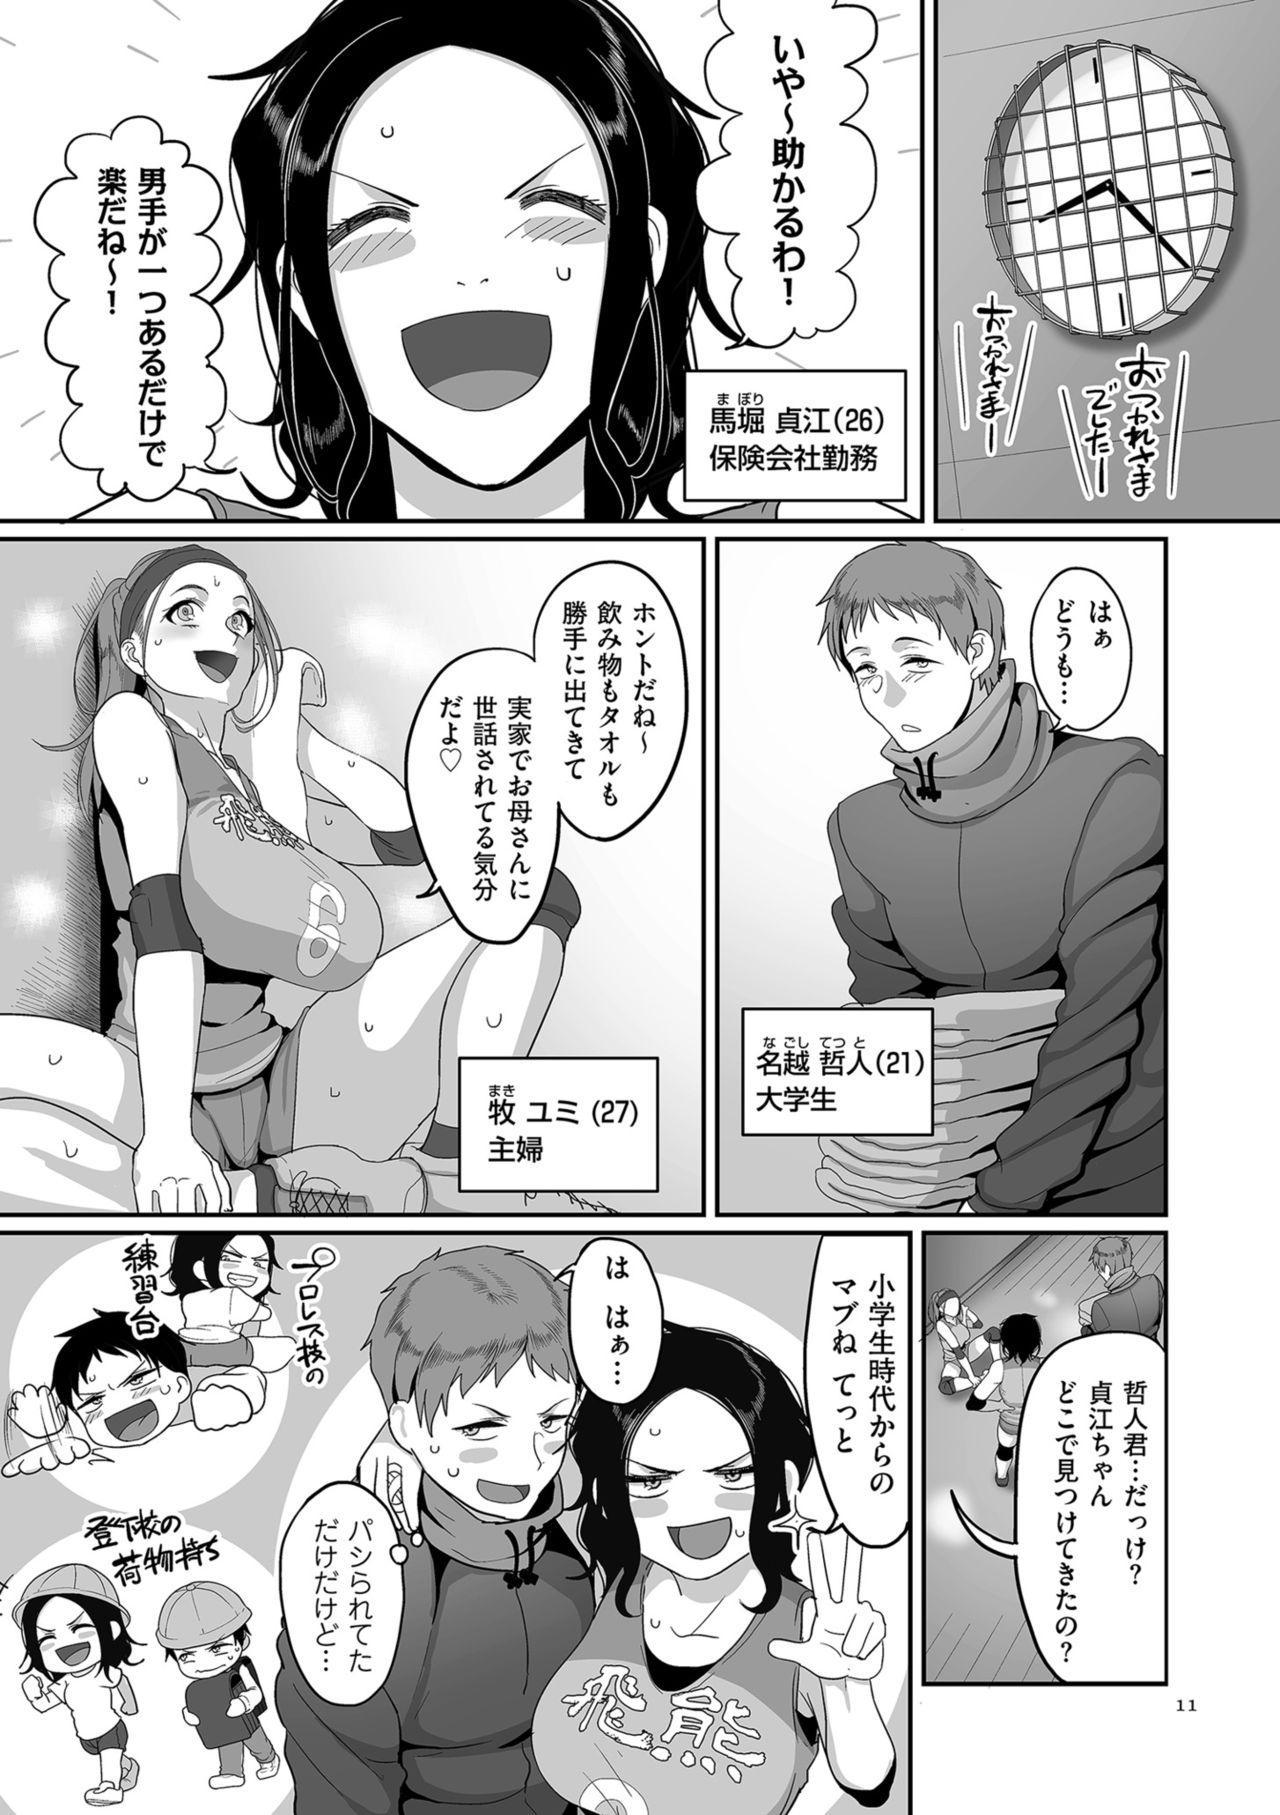 [Yamamoto Zenzen] S-ken K-shi Shakaijin Joshi Volleyball Circle no Jijou [Digital] 10